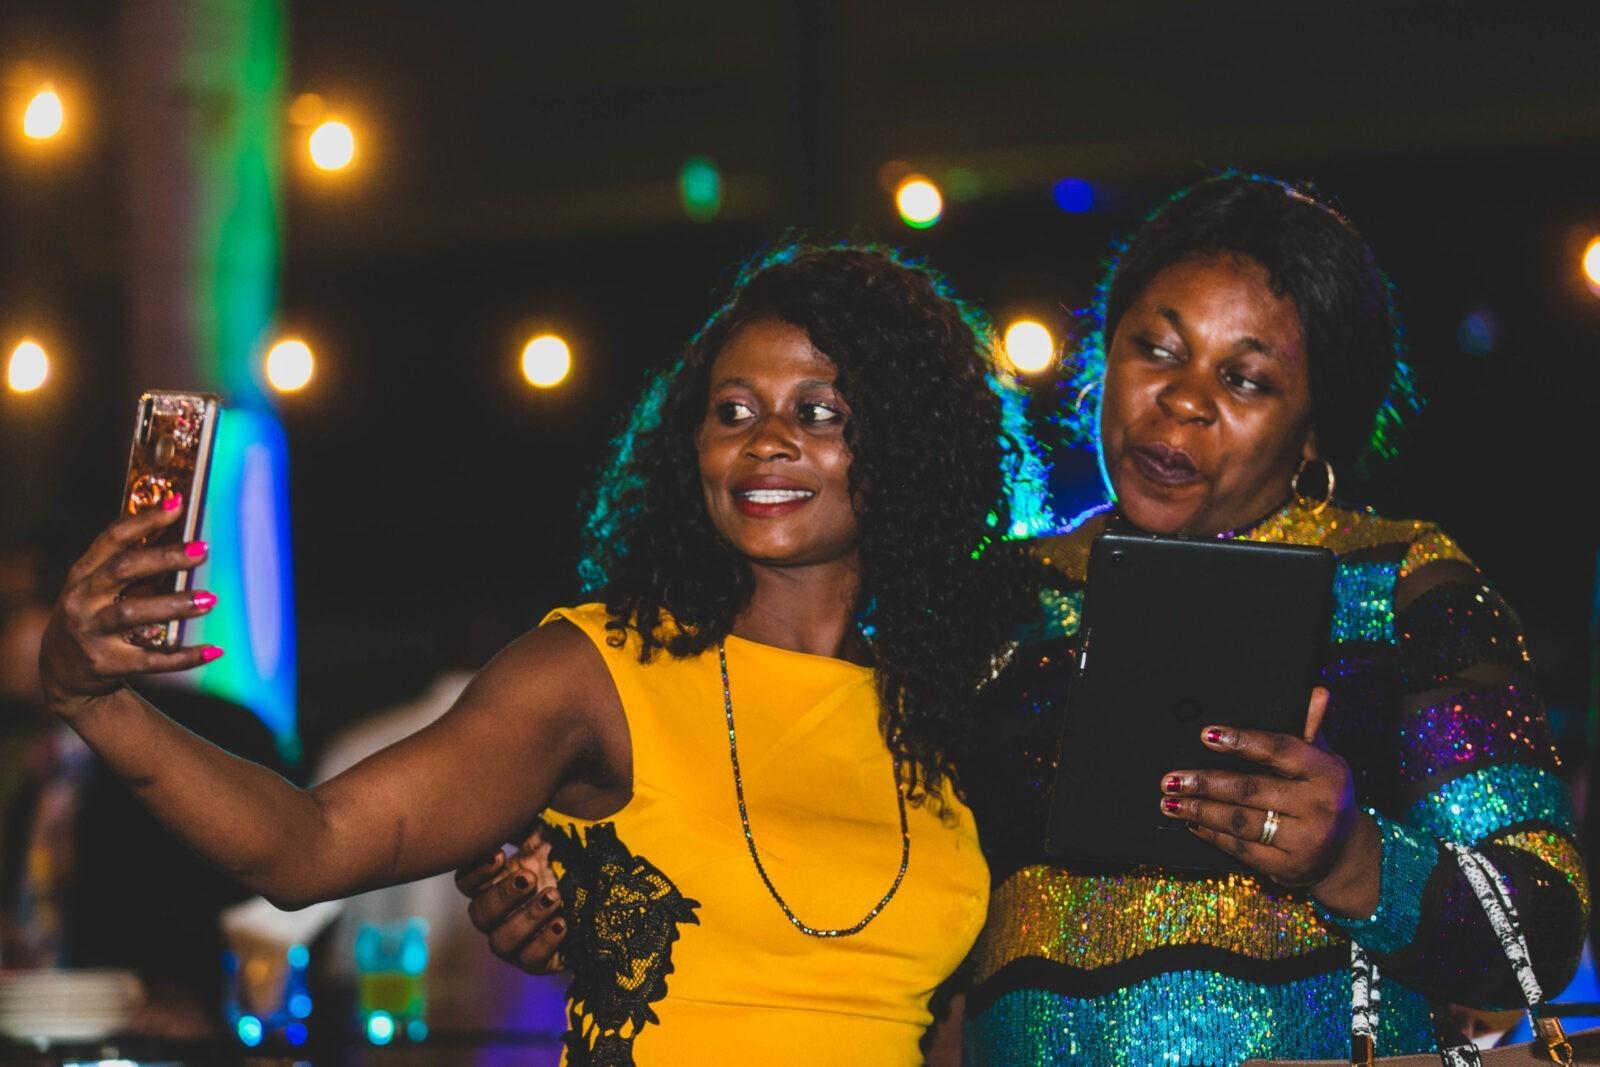 Президент Нигерии: Возрождение фестивалей свидетельствует об улучшении безопасности в стране